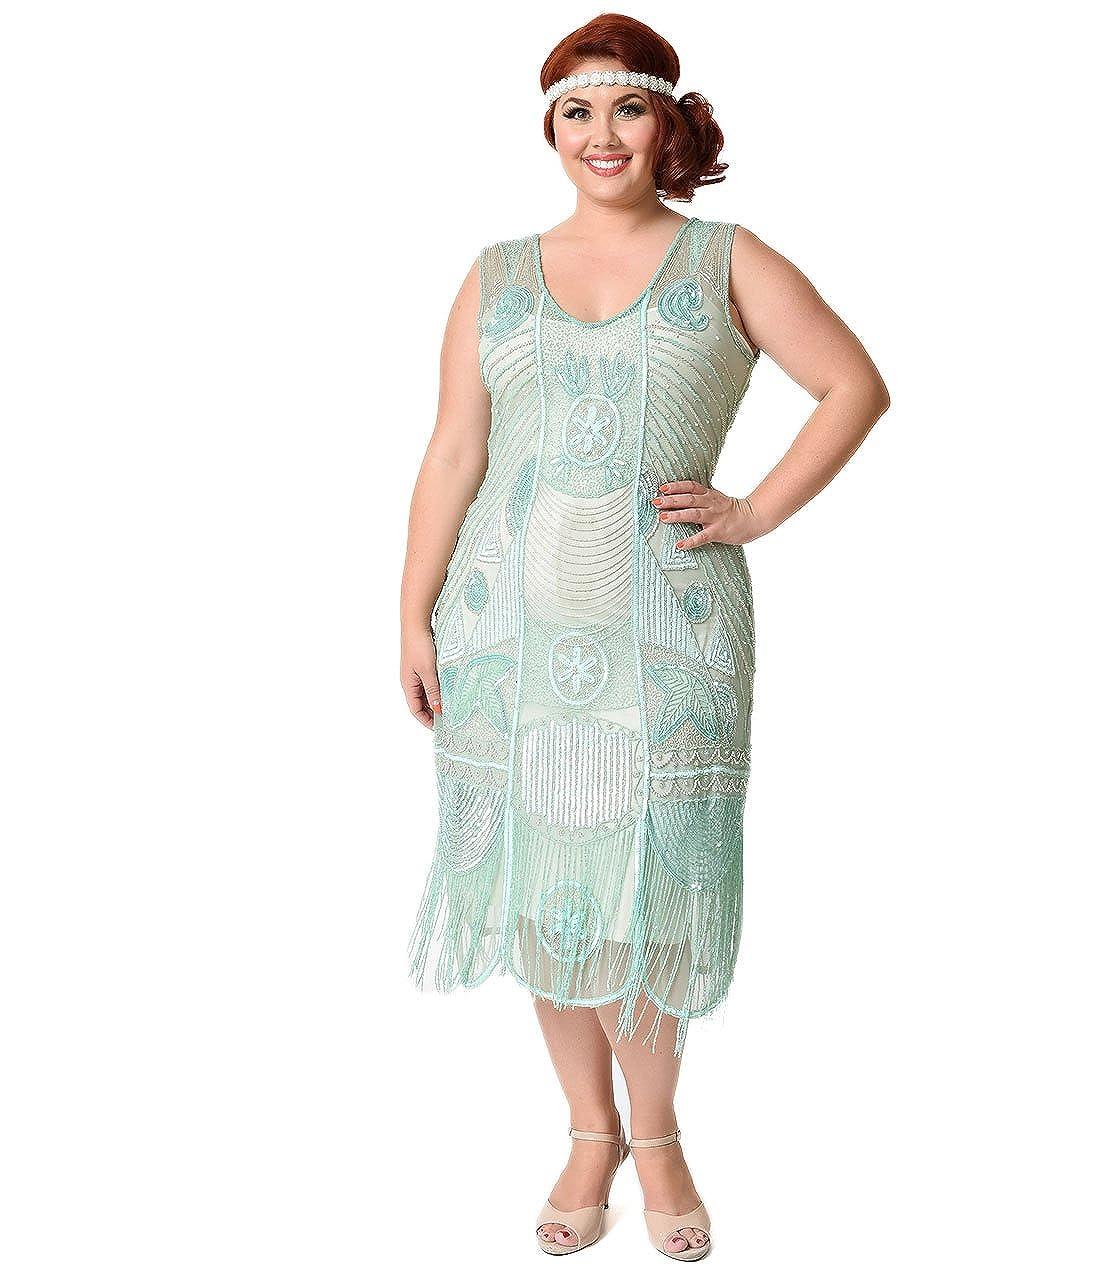 922a5624c73 Top2  Unique Vintage Plus Size 1920s Style Mint Beaded Fringe Bosley  Flapper Dress